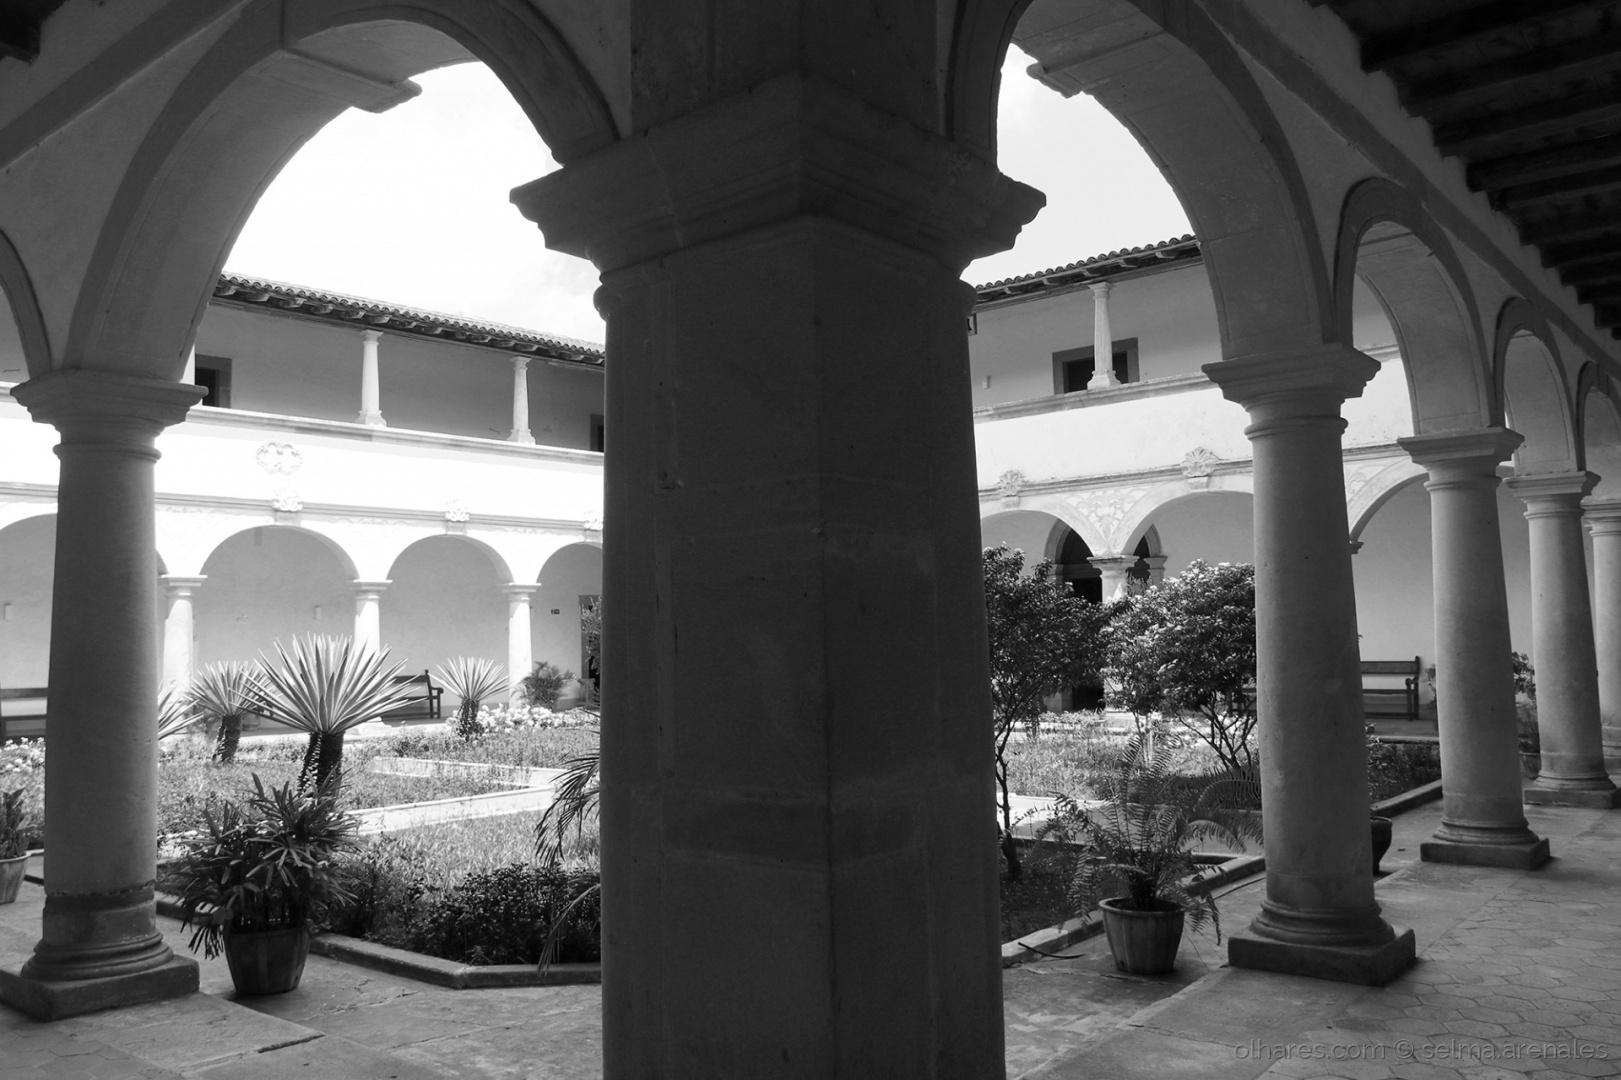 Arquitetura/Um olhar no tempo...